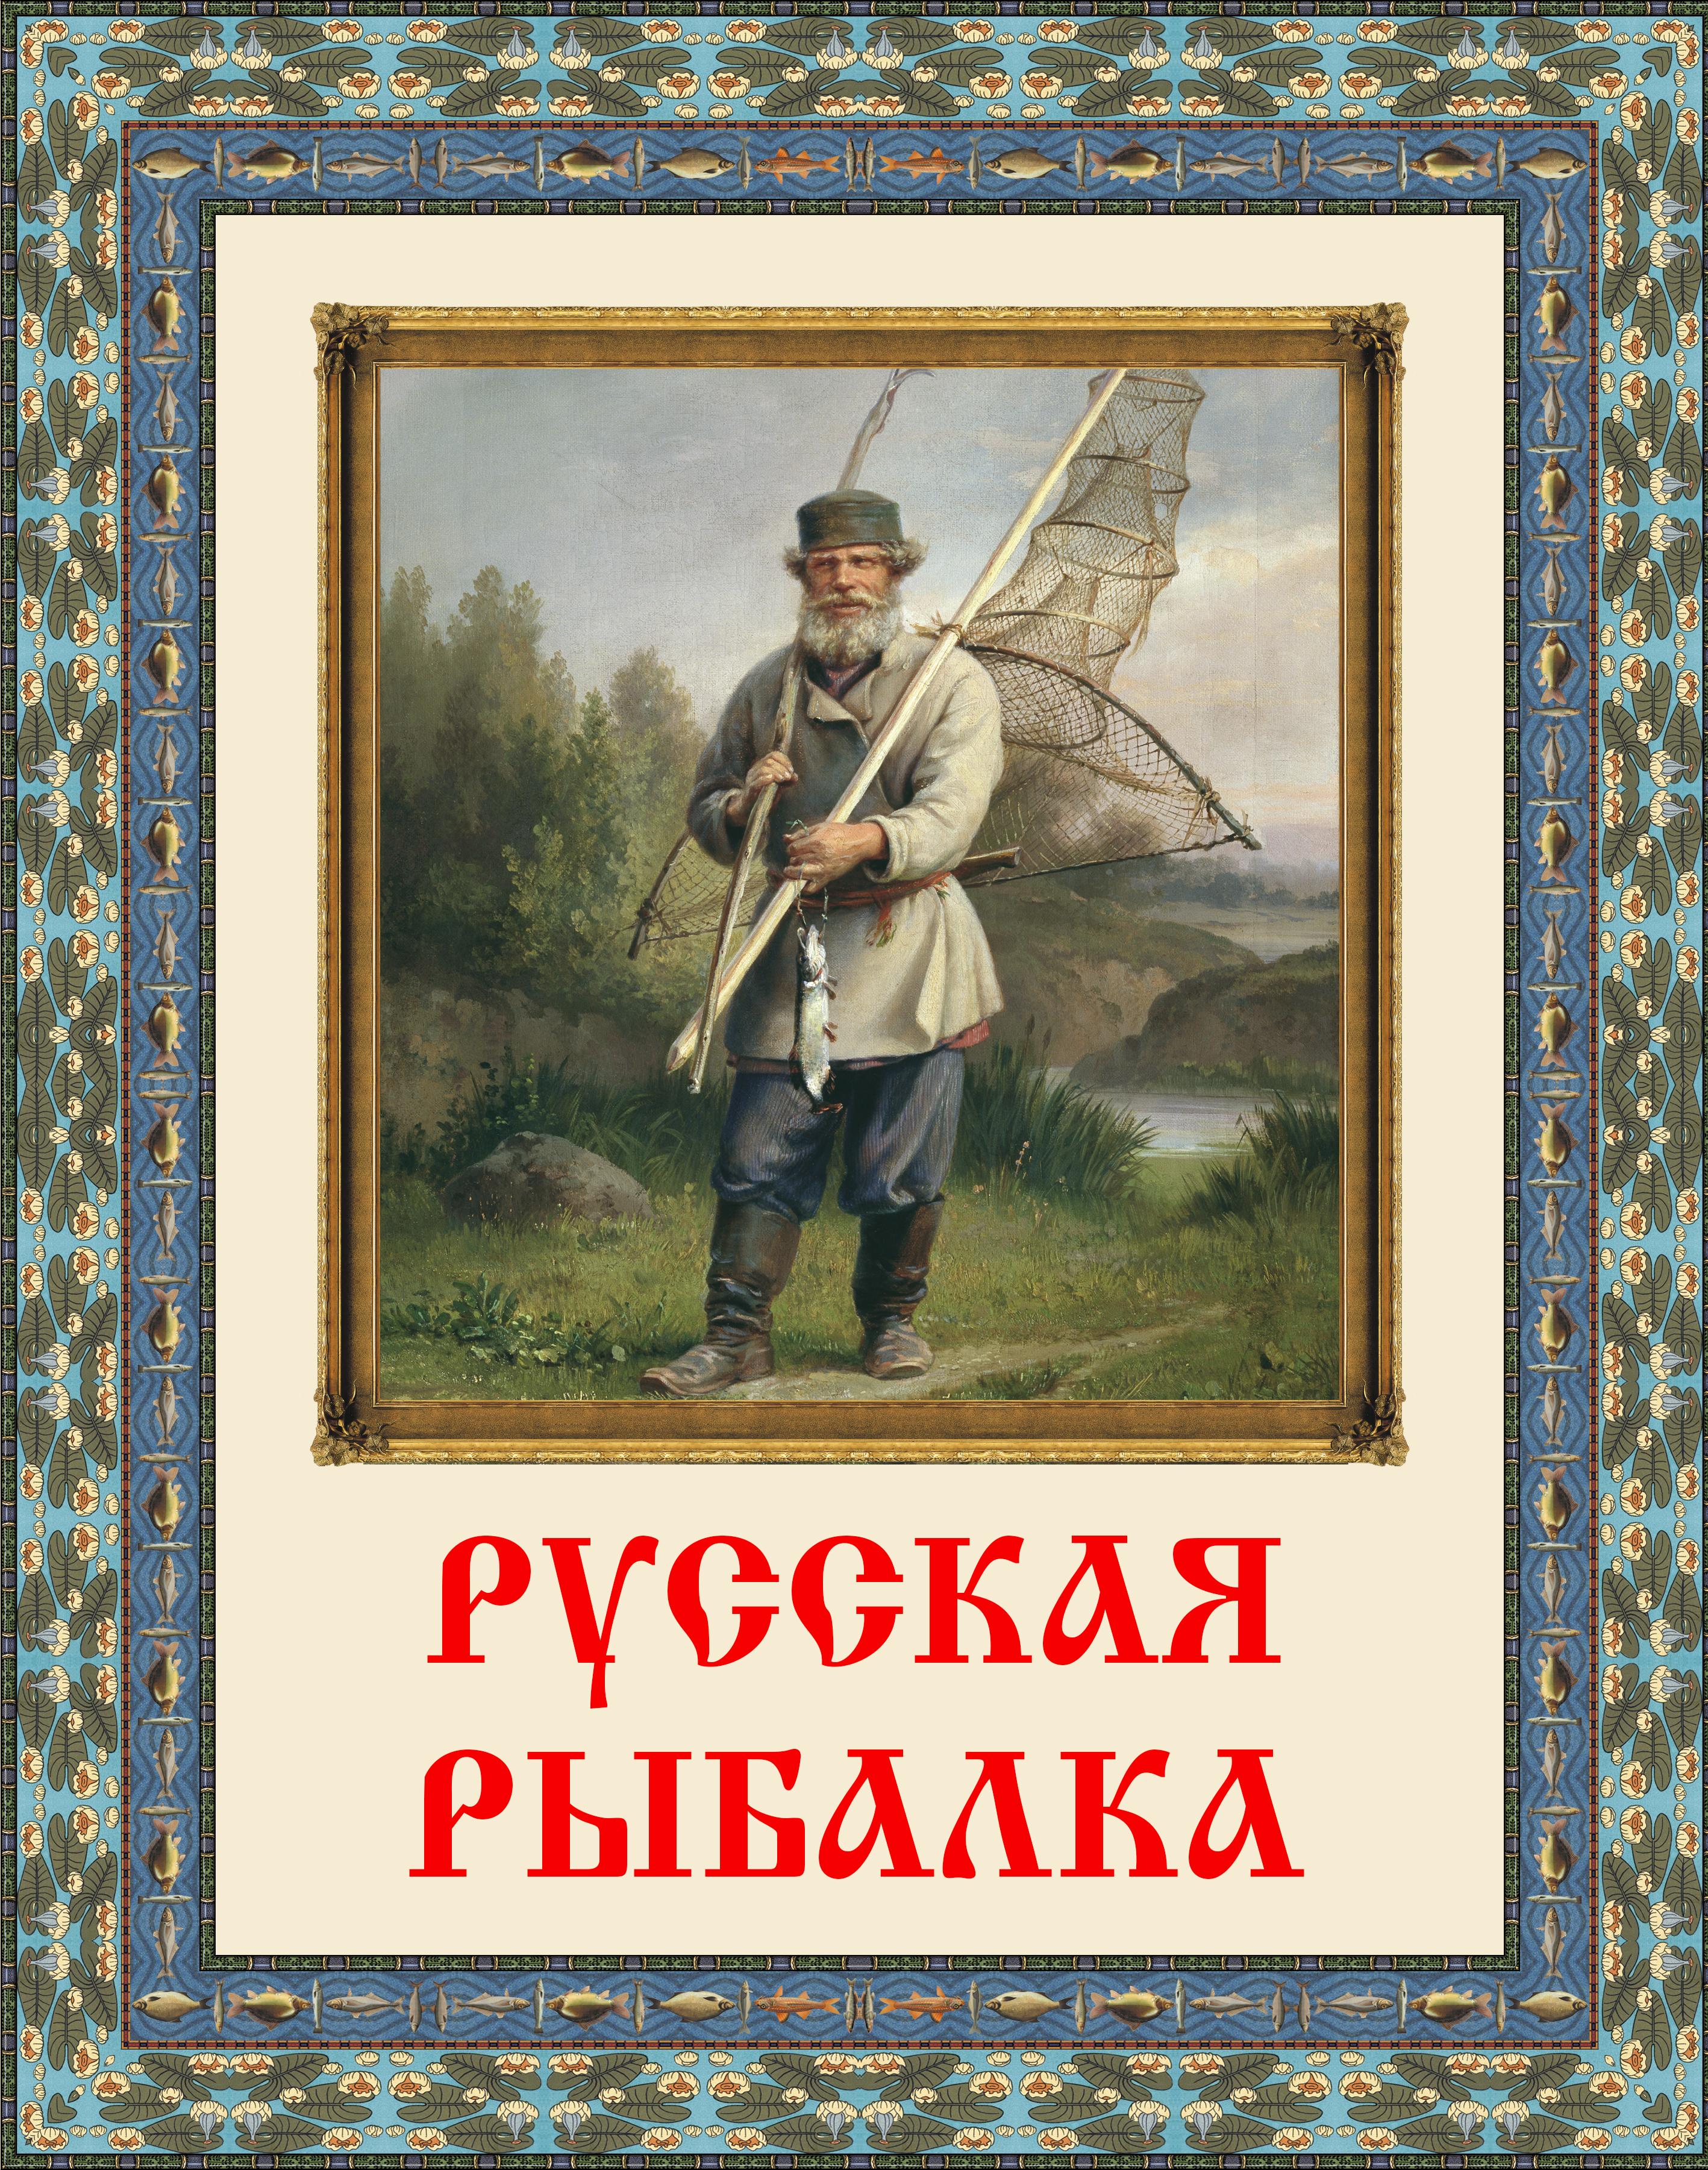 Отсутствует Русская рыбалка отсутствует о собрании произведений отечественной кисти и о самобытной жизни в живописи